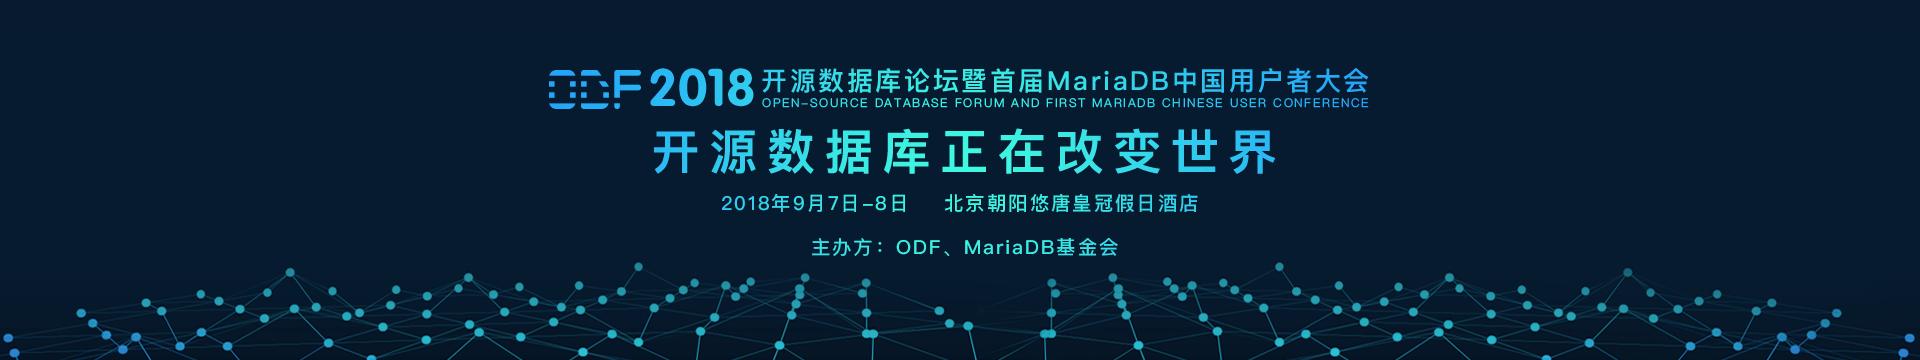 2018开源数据库论坛暨首届MariaDB用户者大会